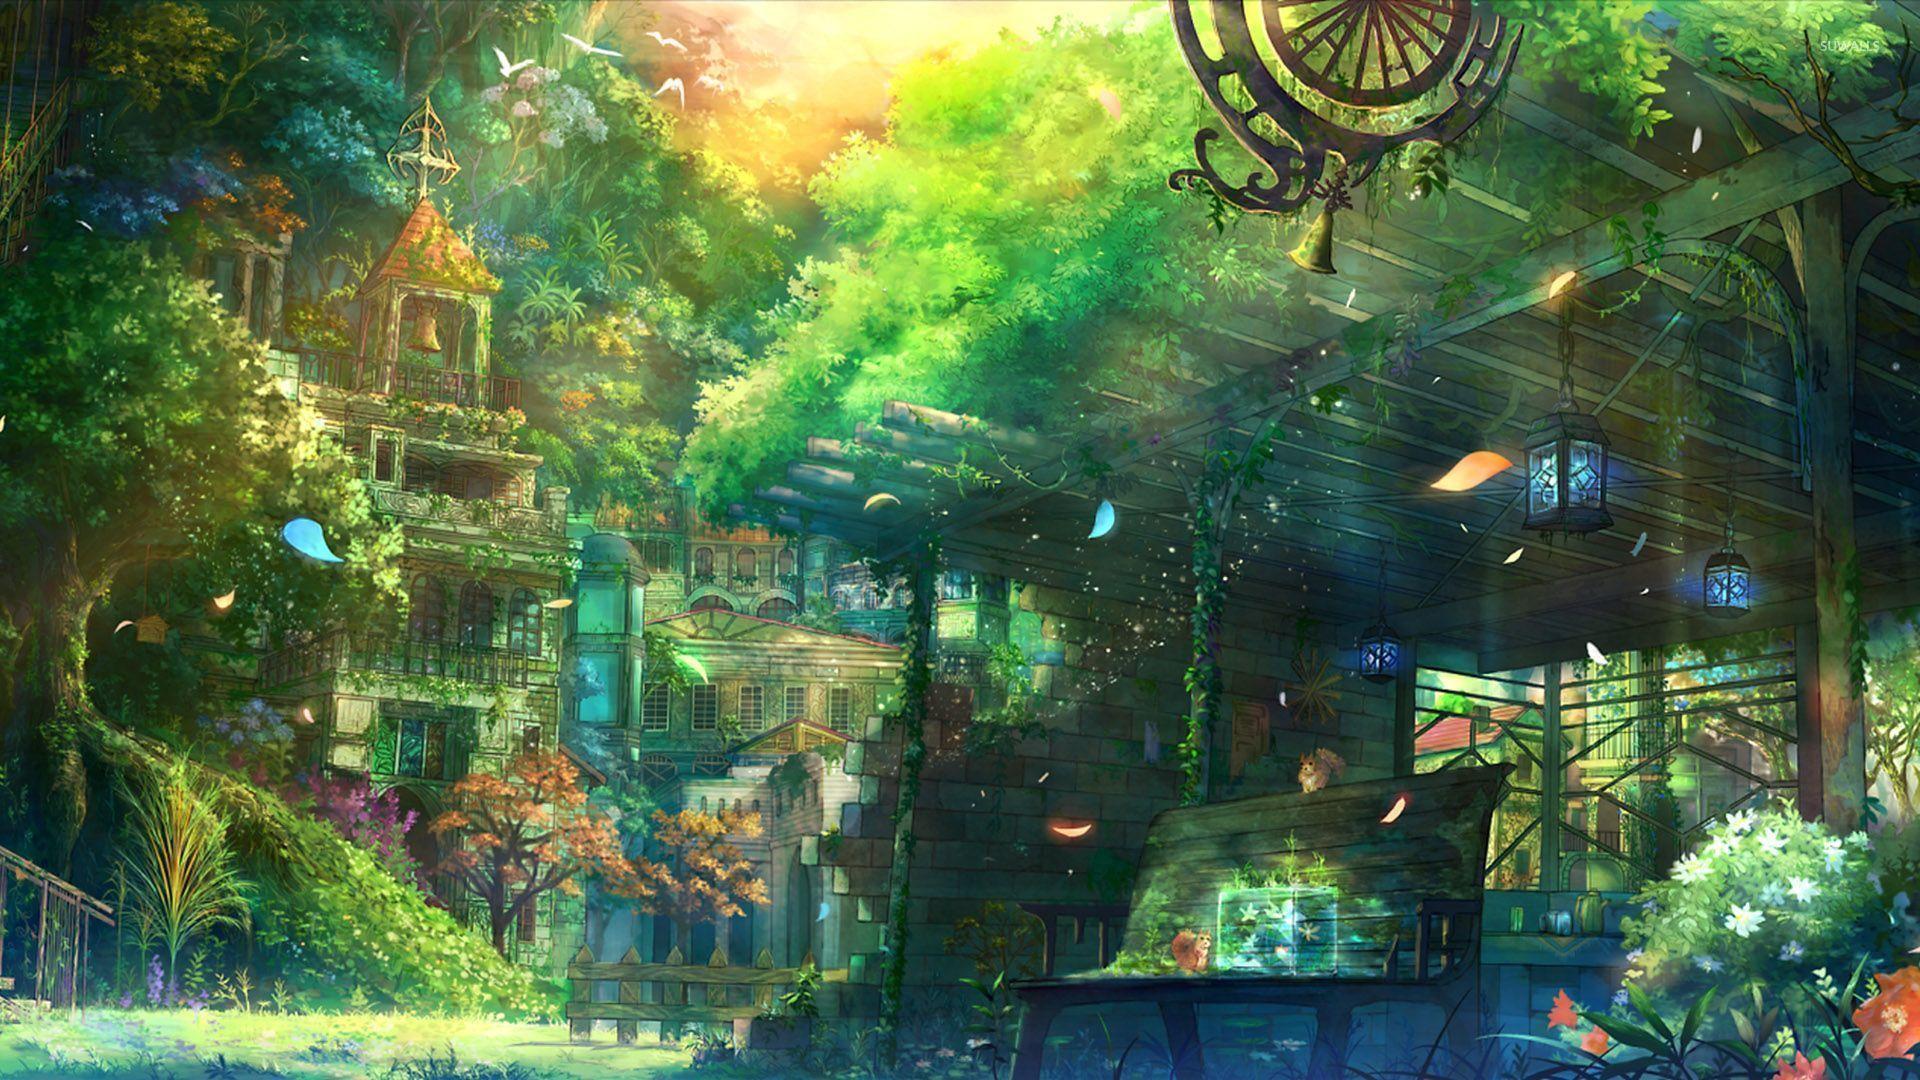 Anime Garden Wallpapers - Top Free Anime Garden Backgrounds -  WallpaperAccess